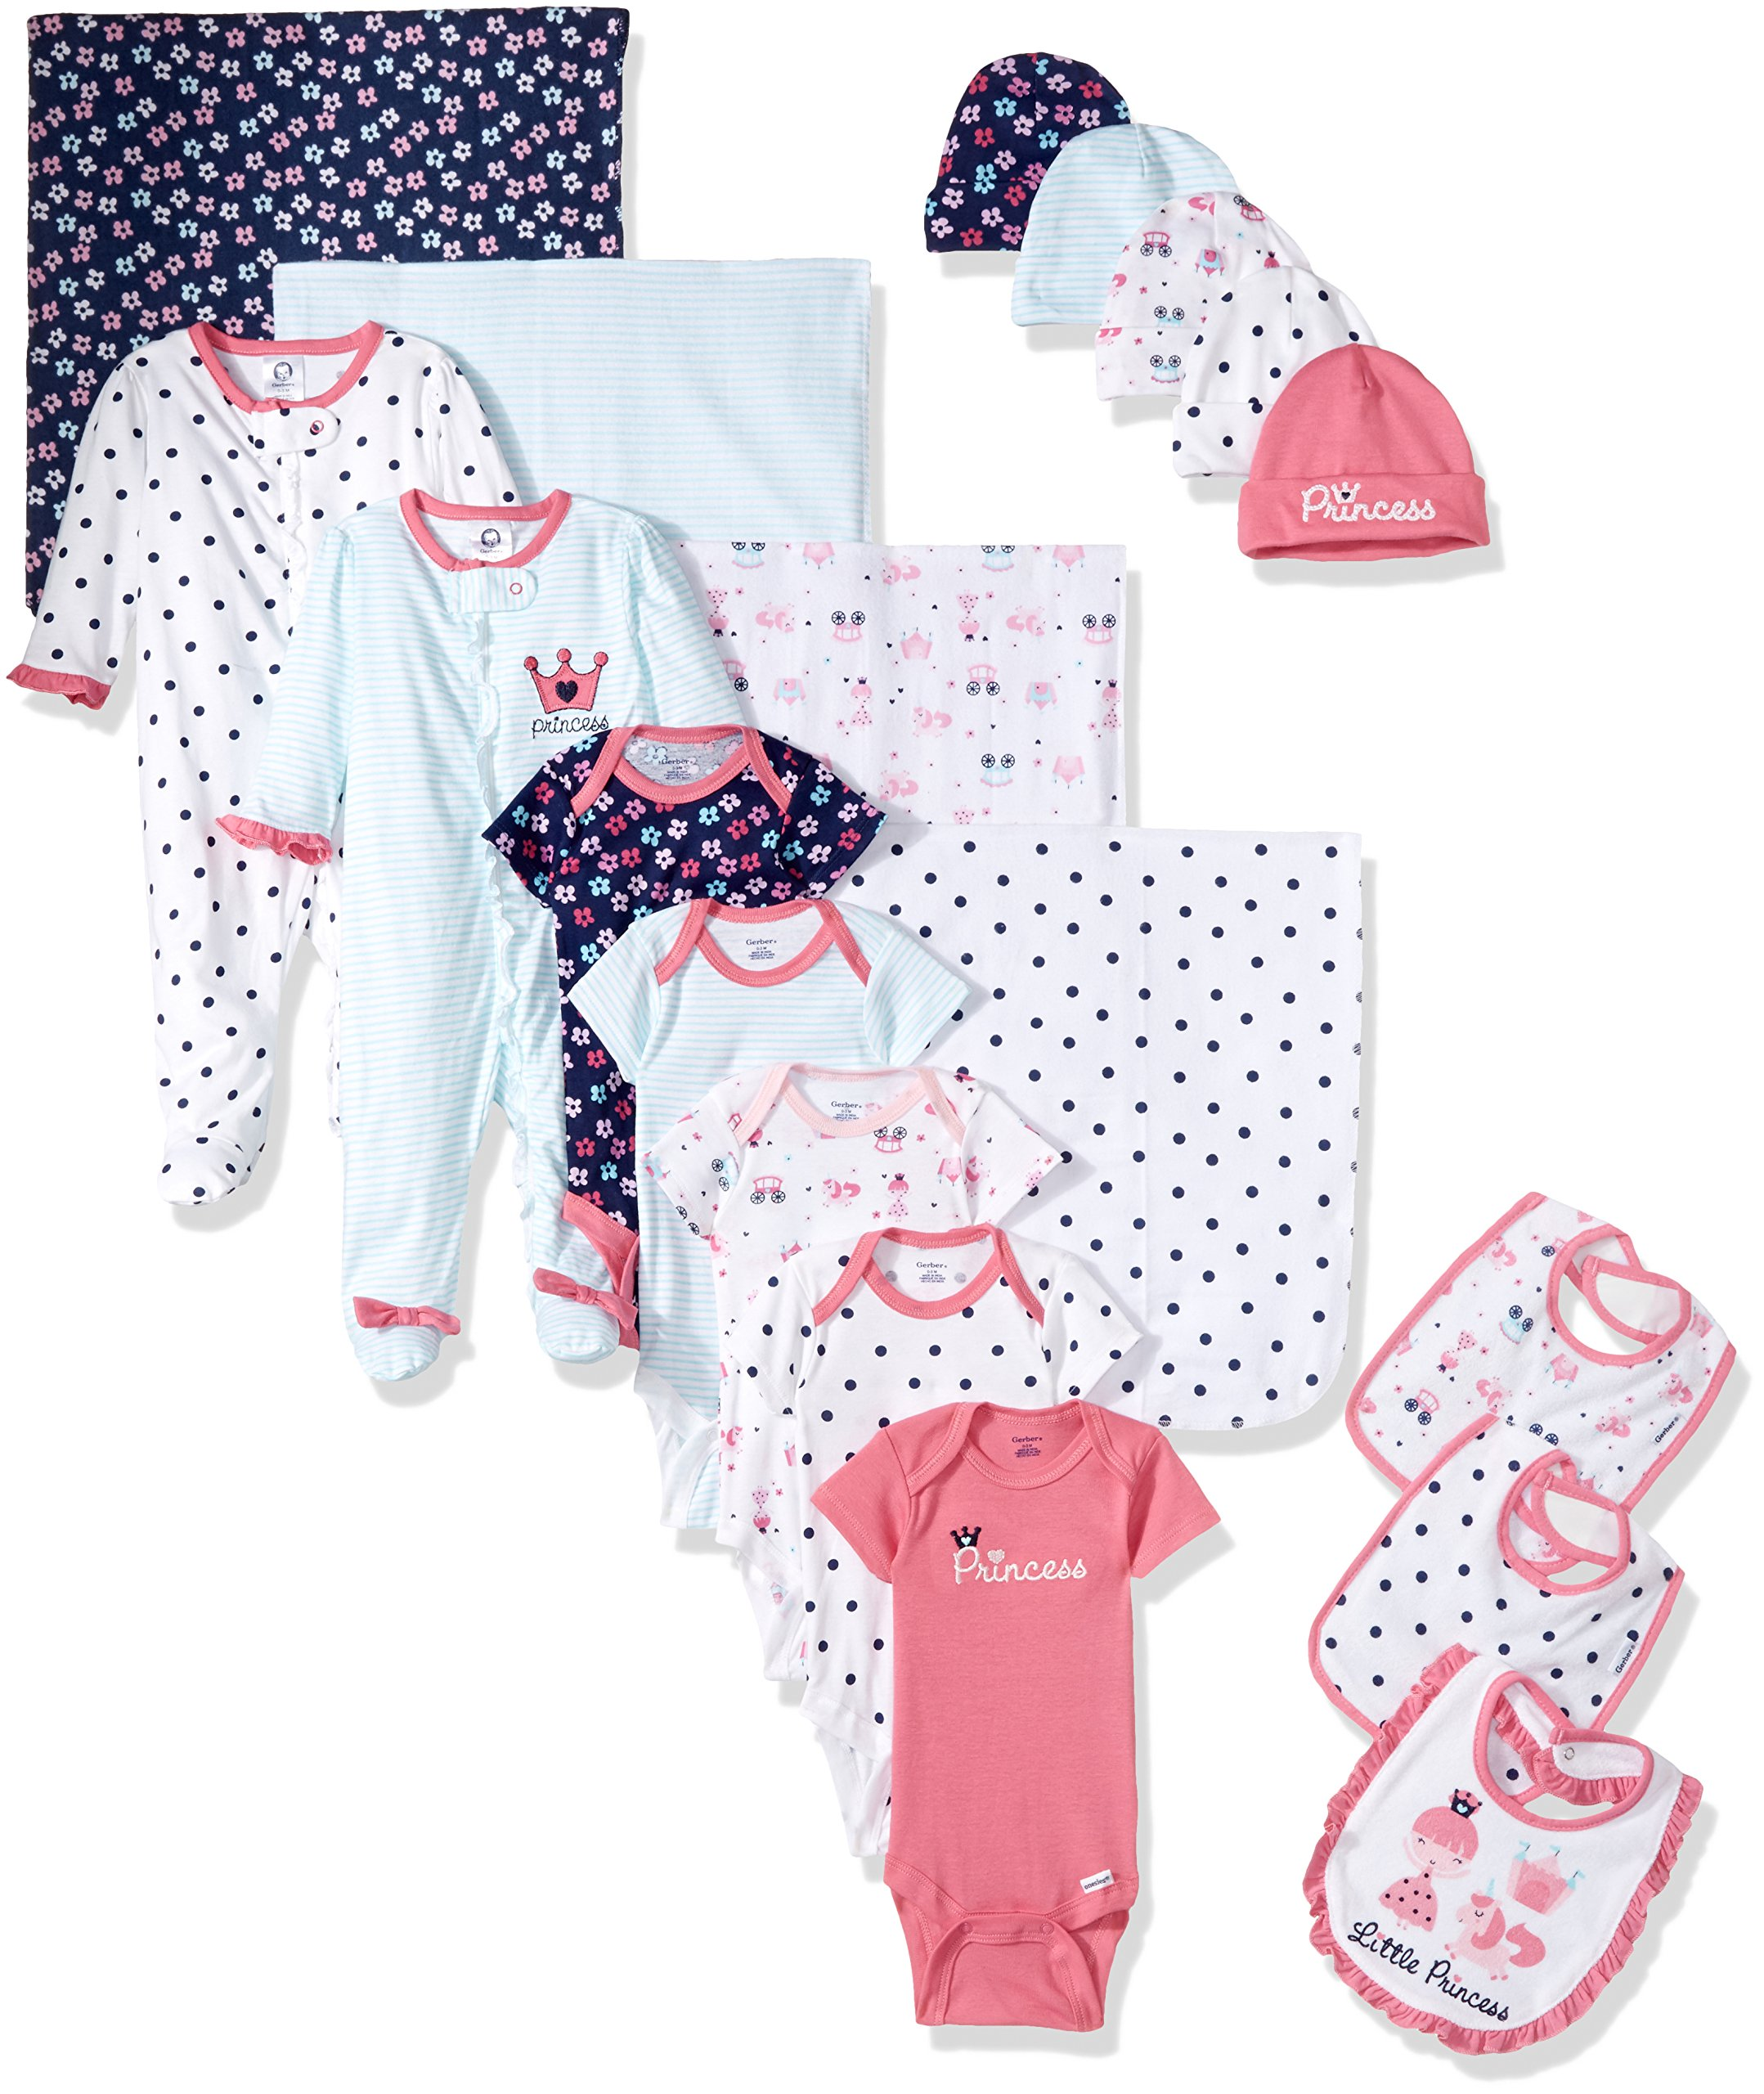 GERBER Baby Girls' 19-Piece Essentials Gift Set, Pink Princess, Newborn by GERBER